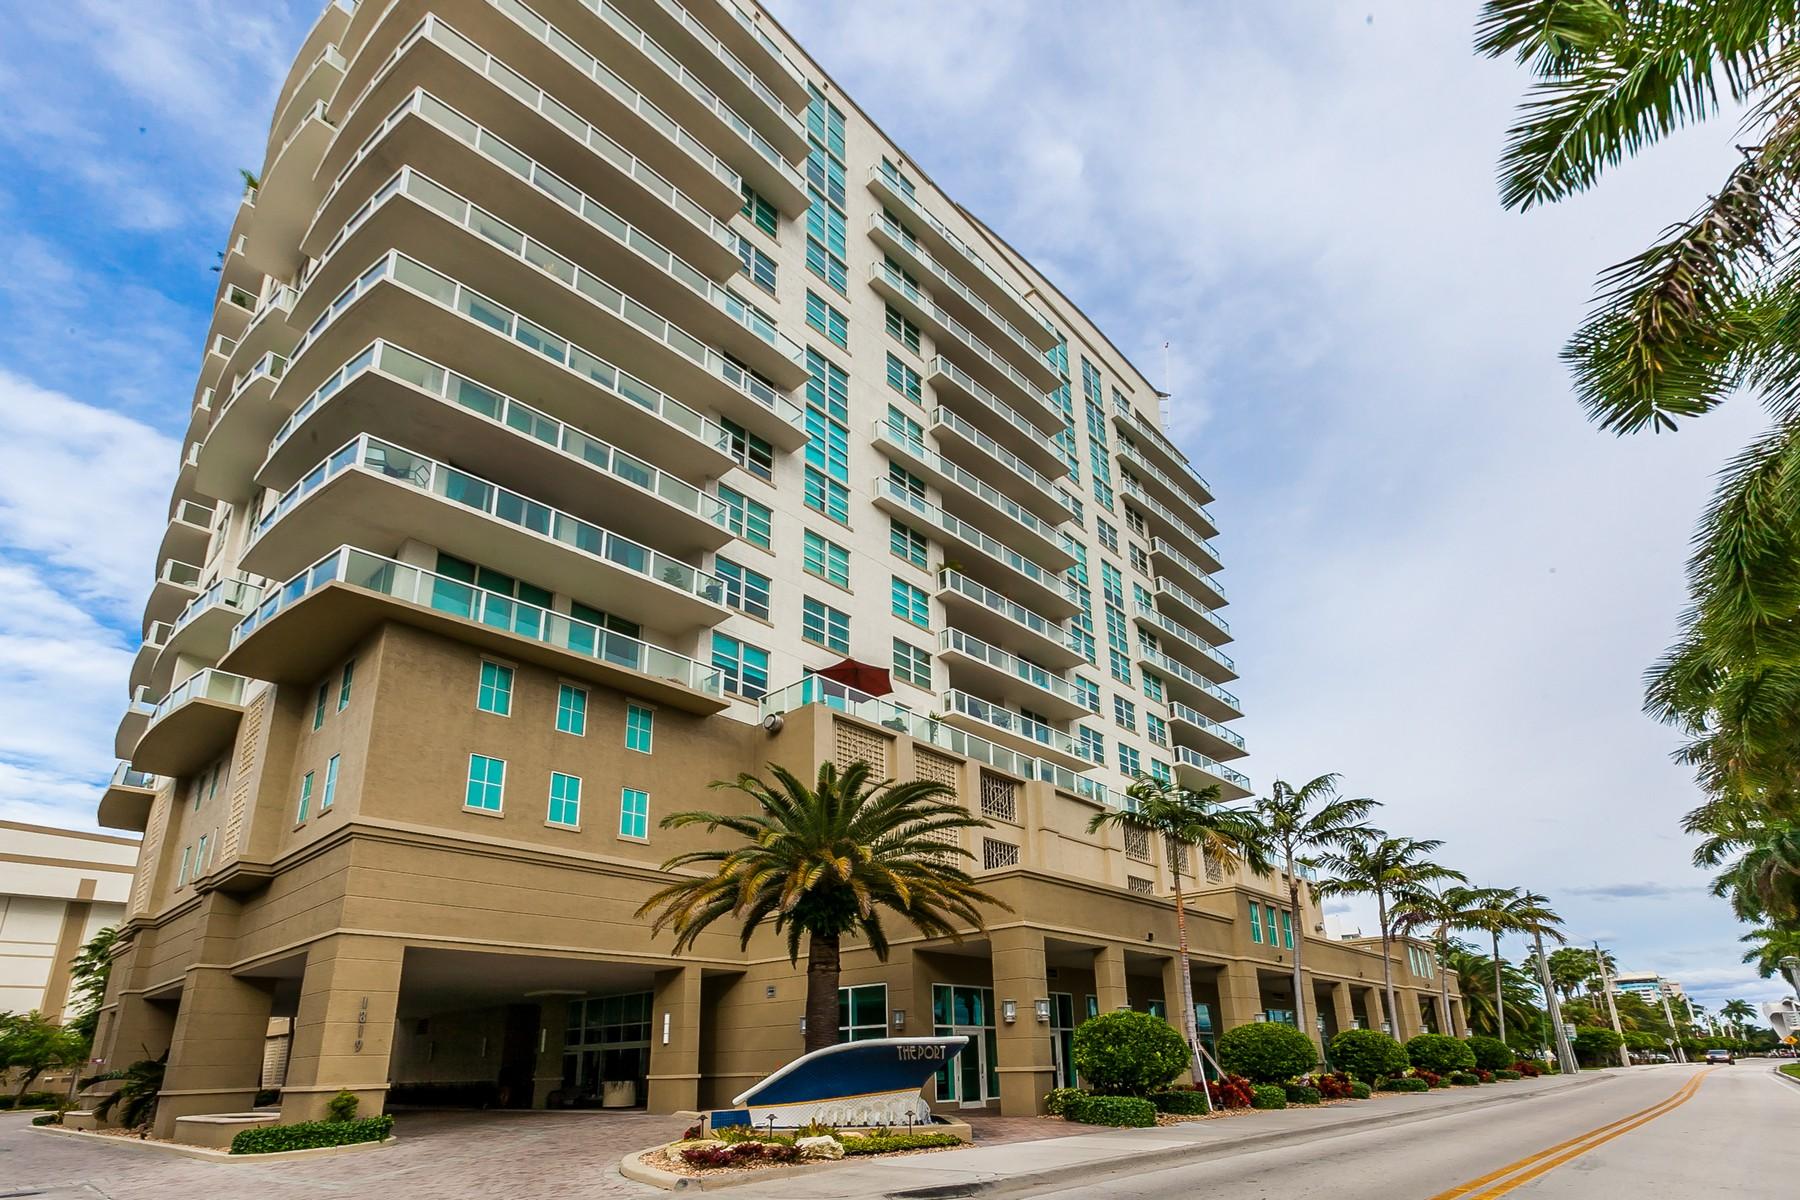 コンドミニアム のために 売買 アット The Port Condo 1819 Se 17th St 511 Fort Lauderdale, フロリダ, 33316 アメリカ合衆国